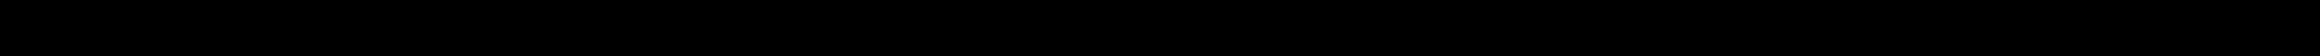 VALEO NE783 Suporte, escovas de carvão